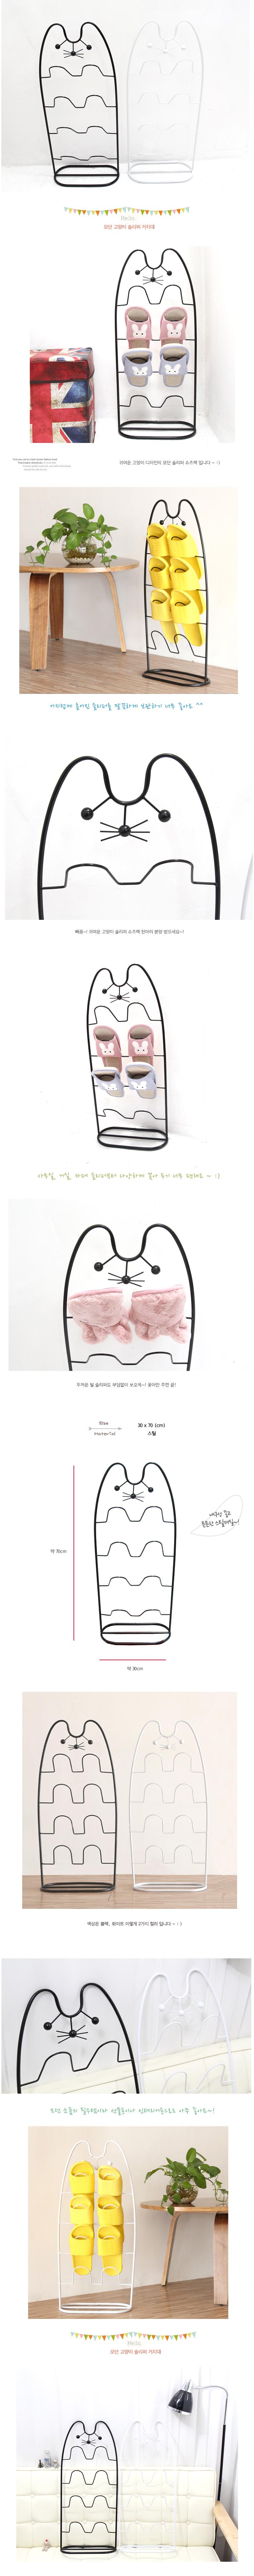 모던고양이슬리퍼거치대 - 미스터고물상, 14,960원, 수납/선반장, 신발정리대/신발장